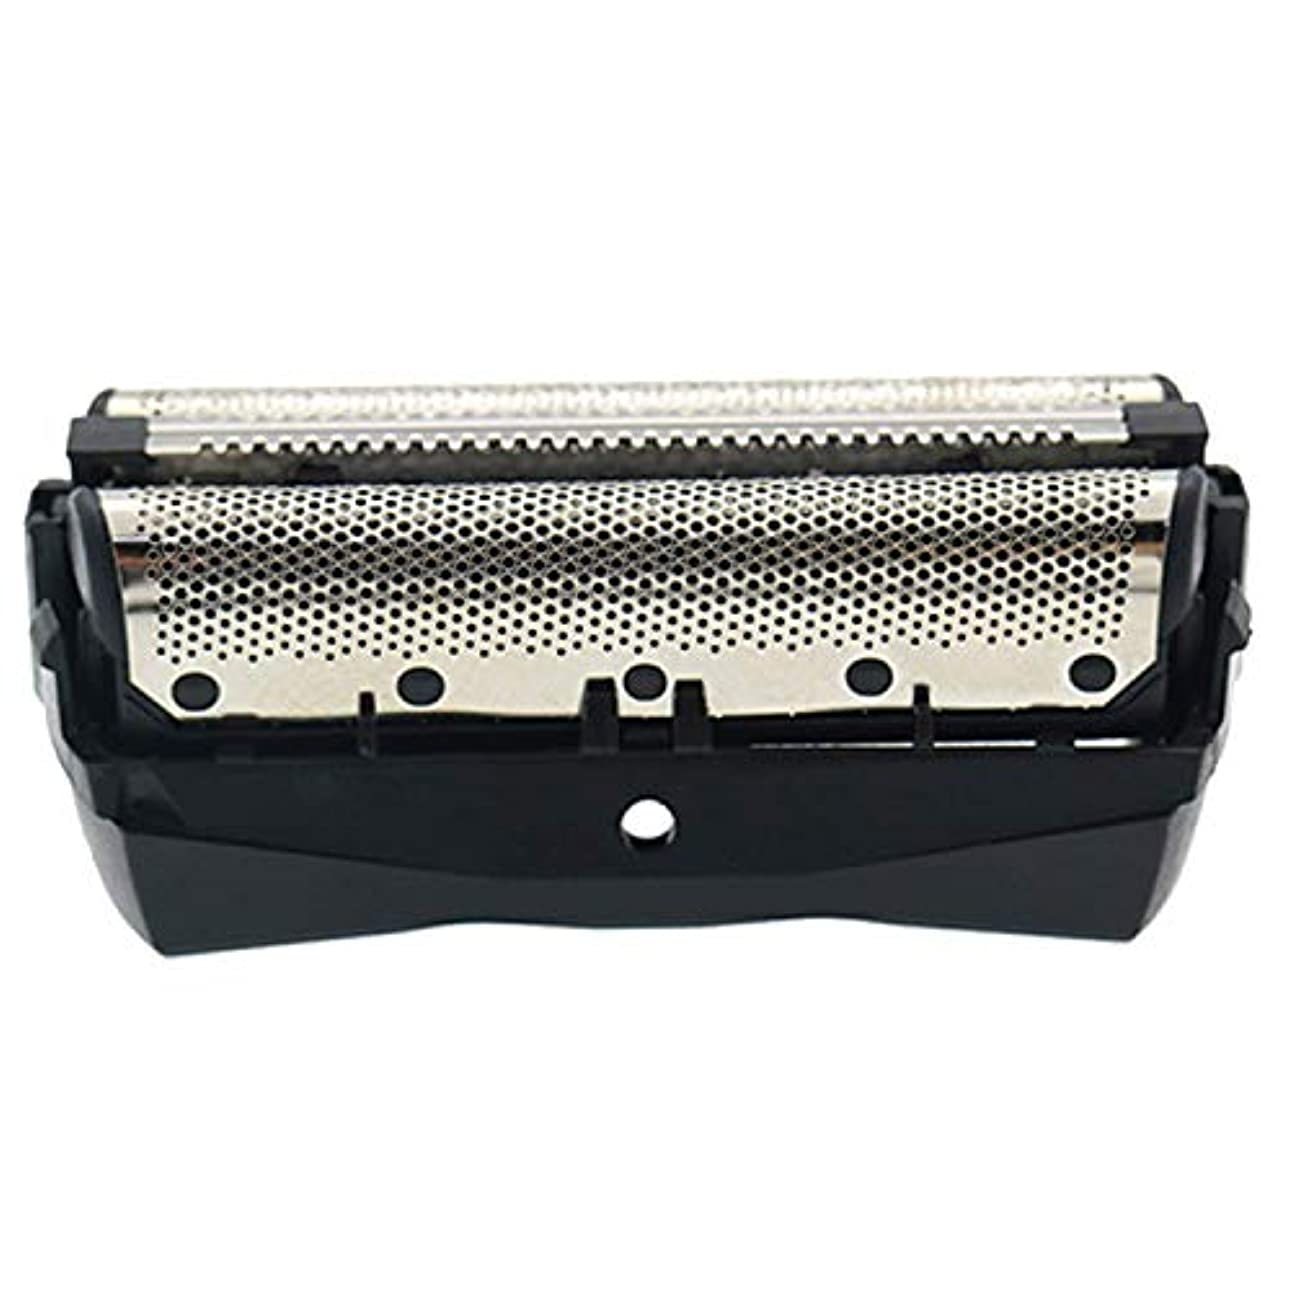 光電仲良しバケツVINFANY メンズシェーバー用替刃(外刃) 適用する フィリップスQC5550用交換シェーバーフォイル/カッターユニットシェーバーヘッドQC5580メンズトリマー用回転ブレード